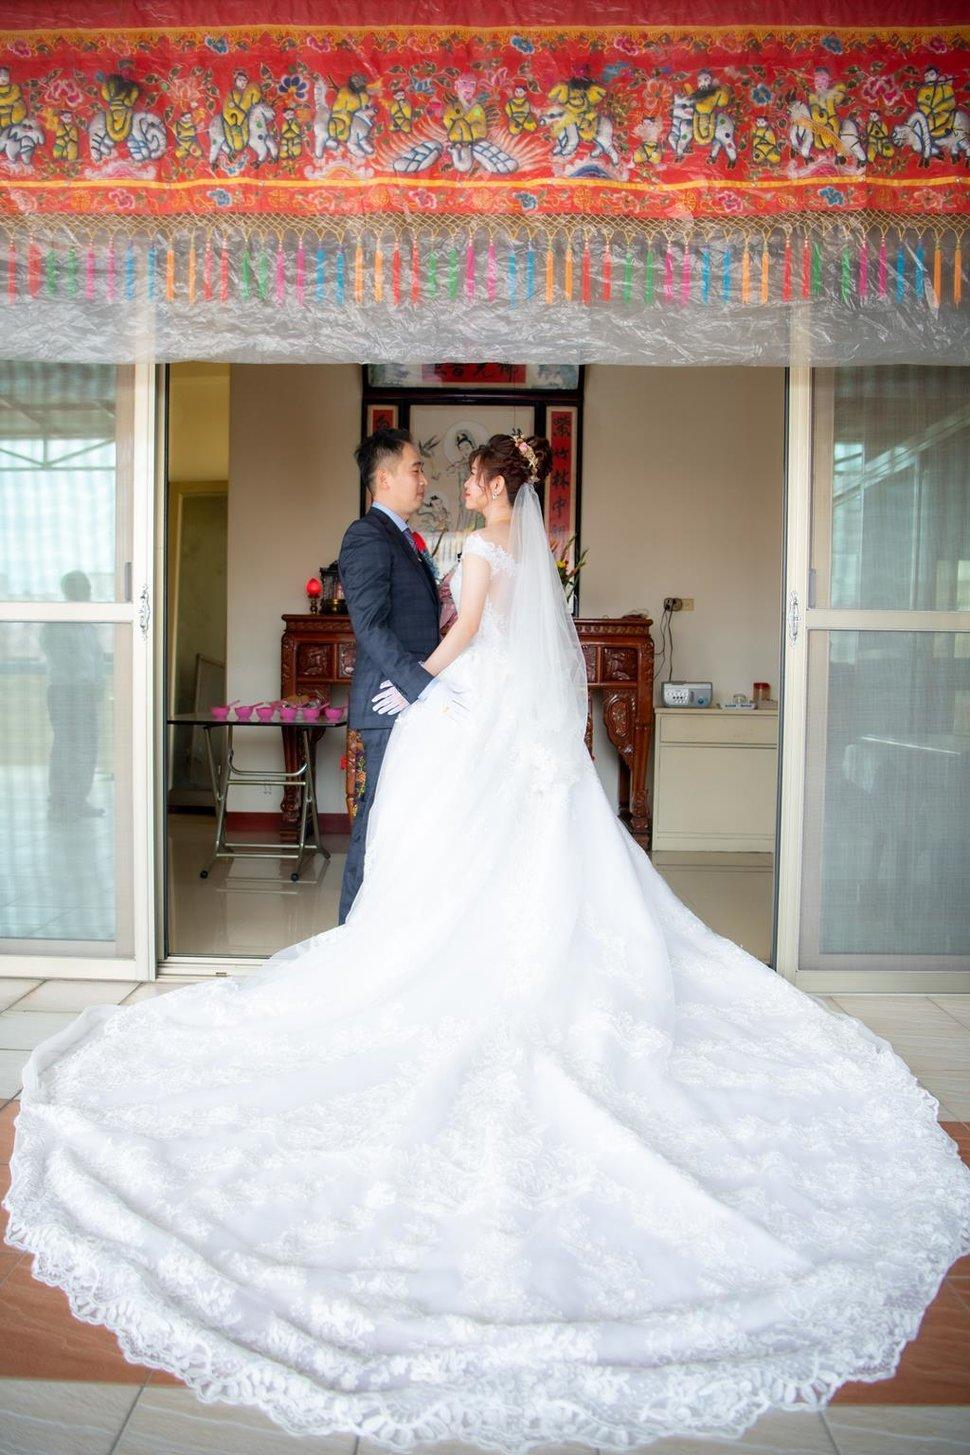 書孟&逸琳婚禮紀實-2-61 - Mr. Happiness 幸福先生 - 結婚吧